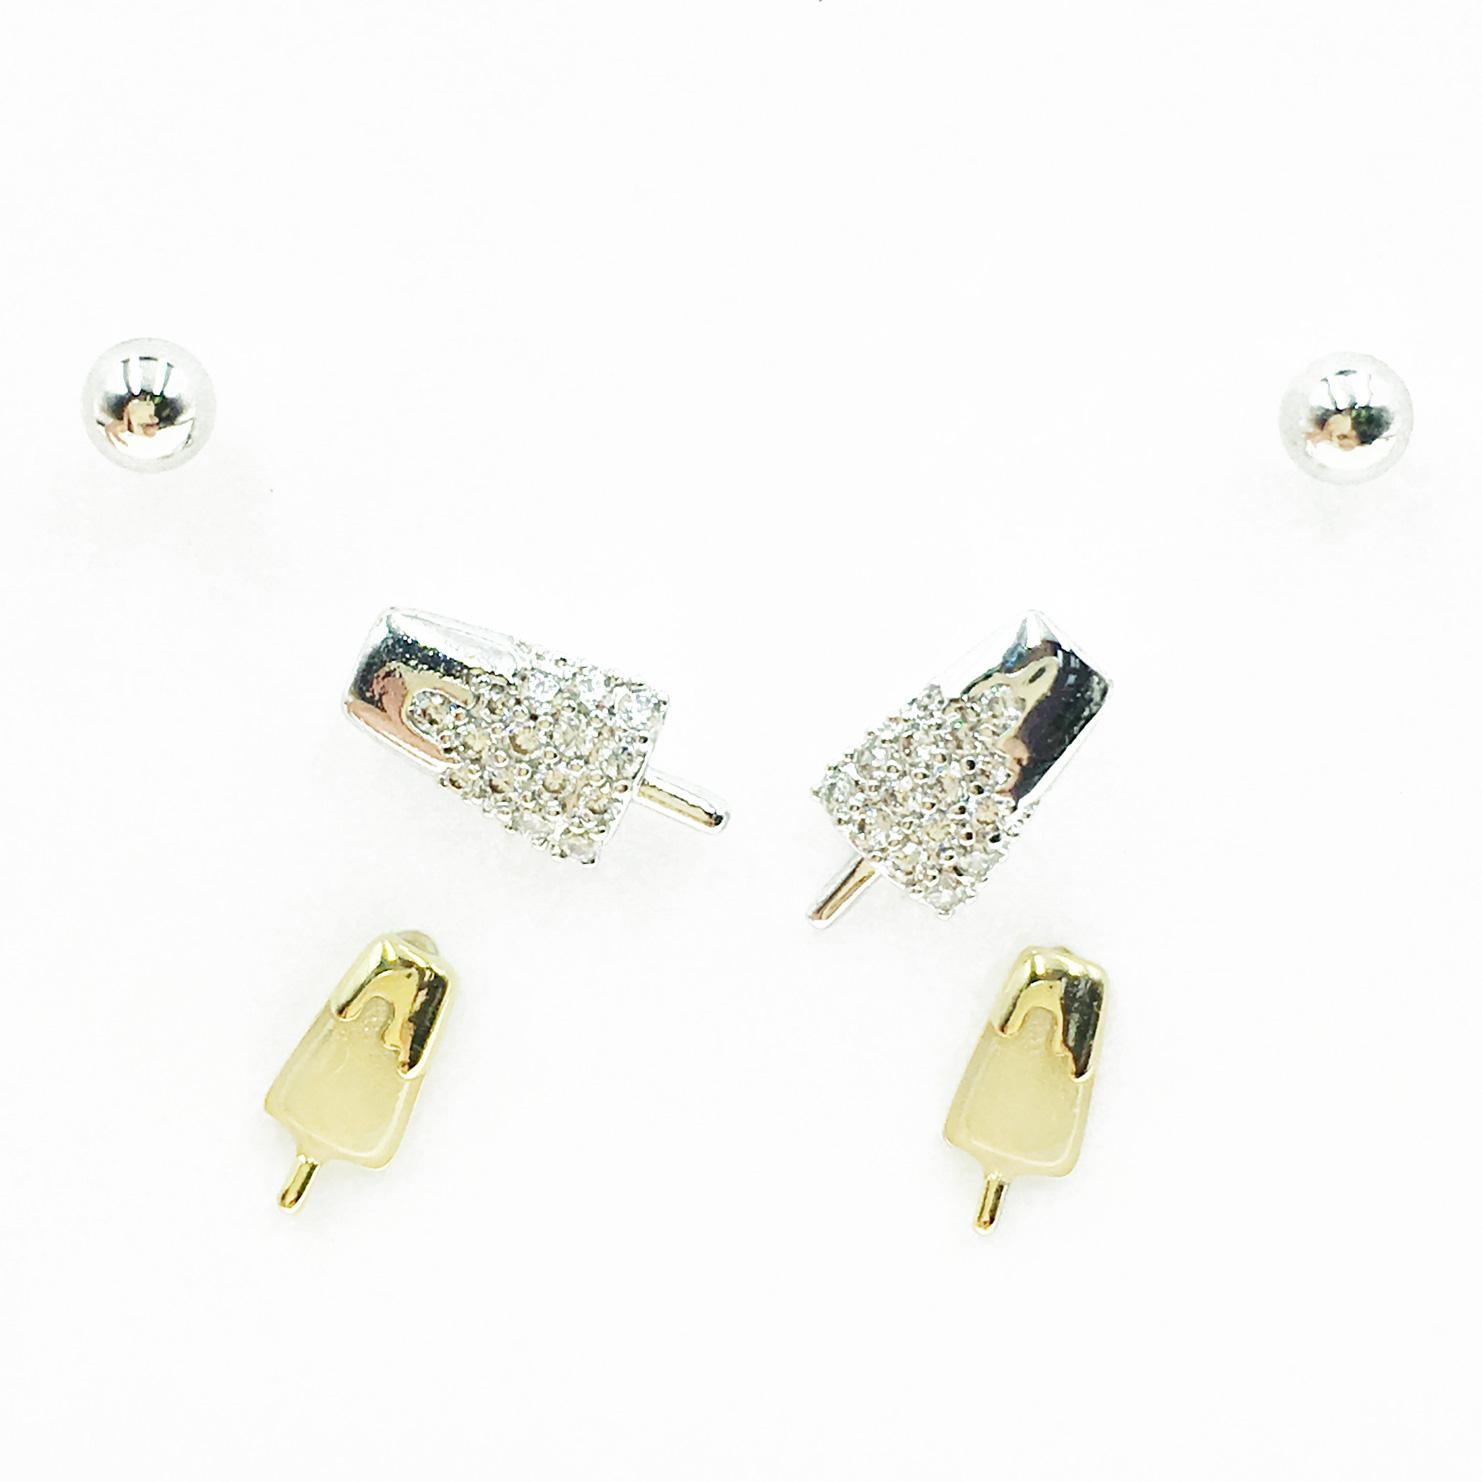 韓國 925純銀 小銀珠 冰棒 水鑽 3對組 耳針式耳環